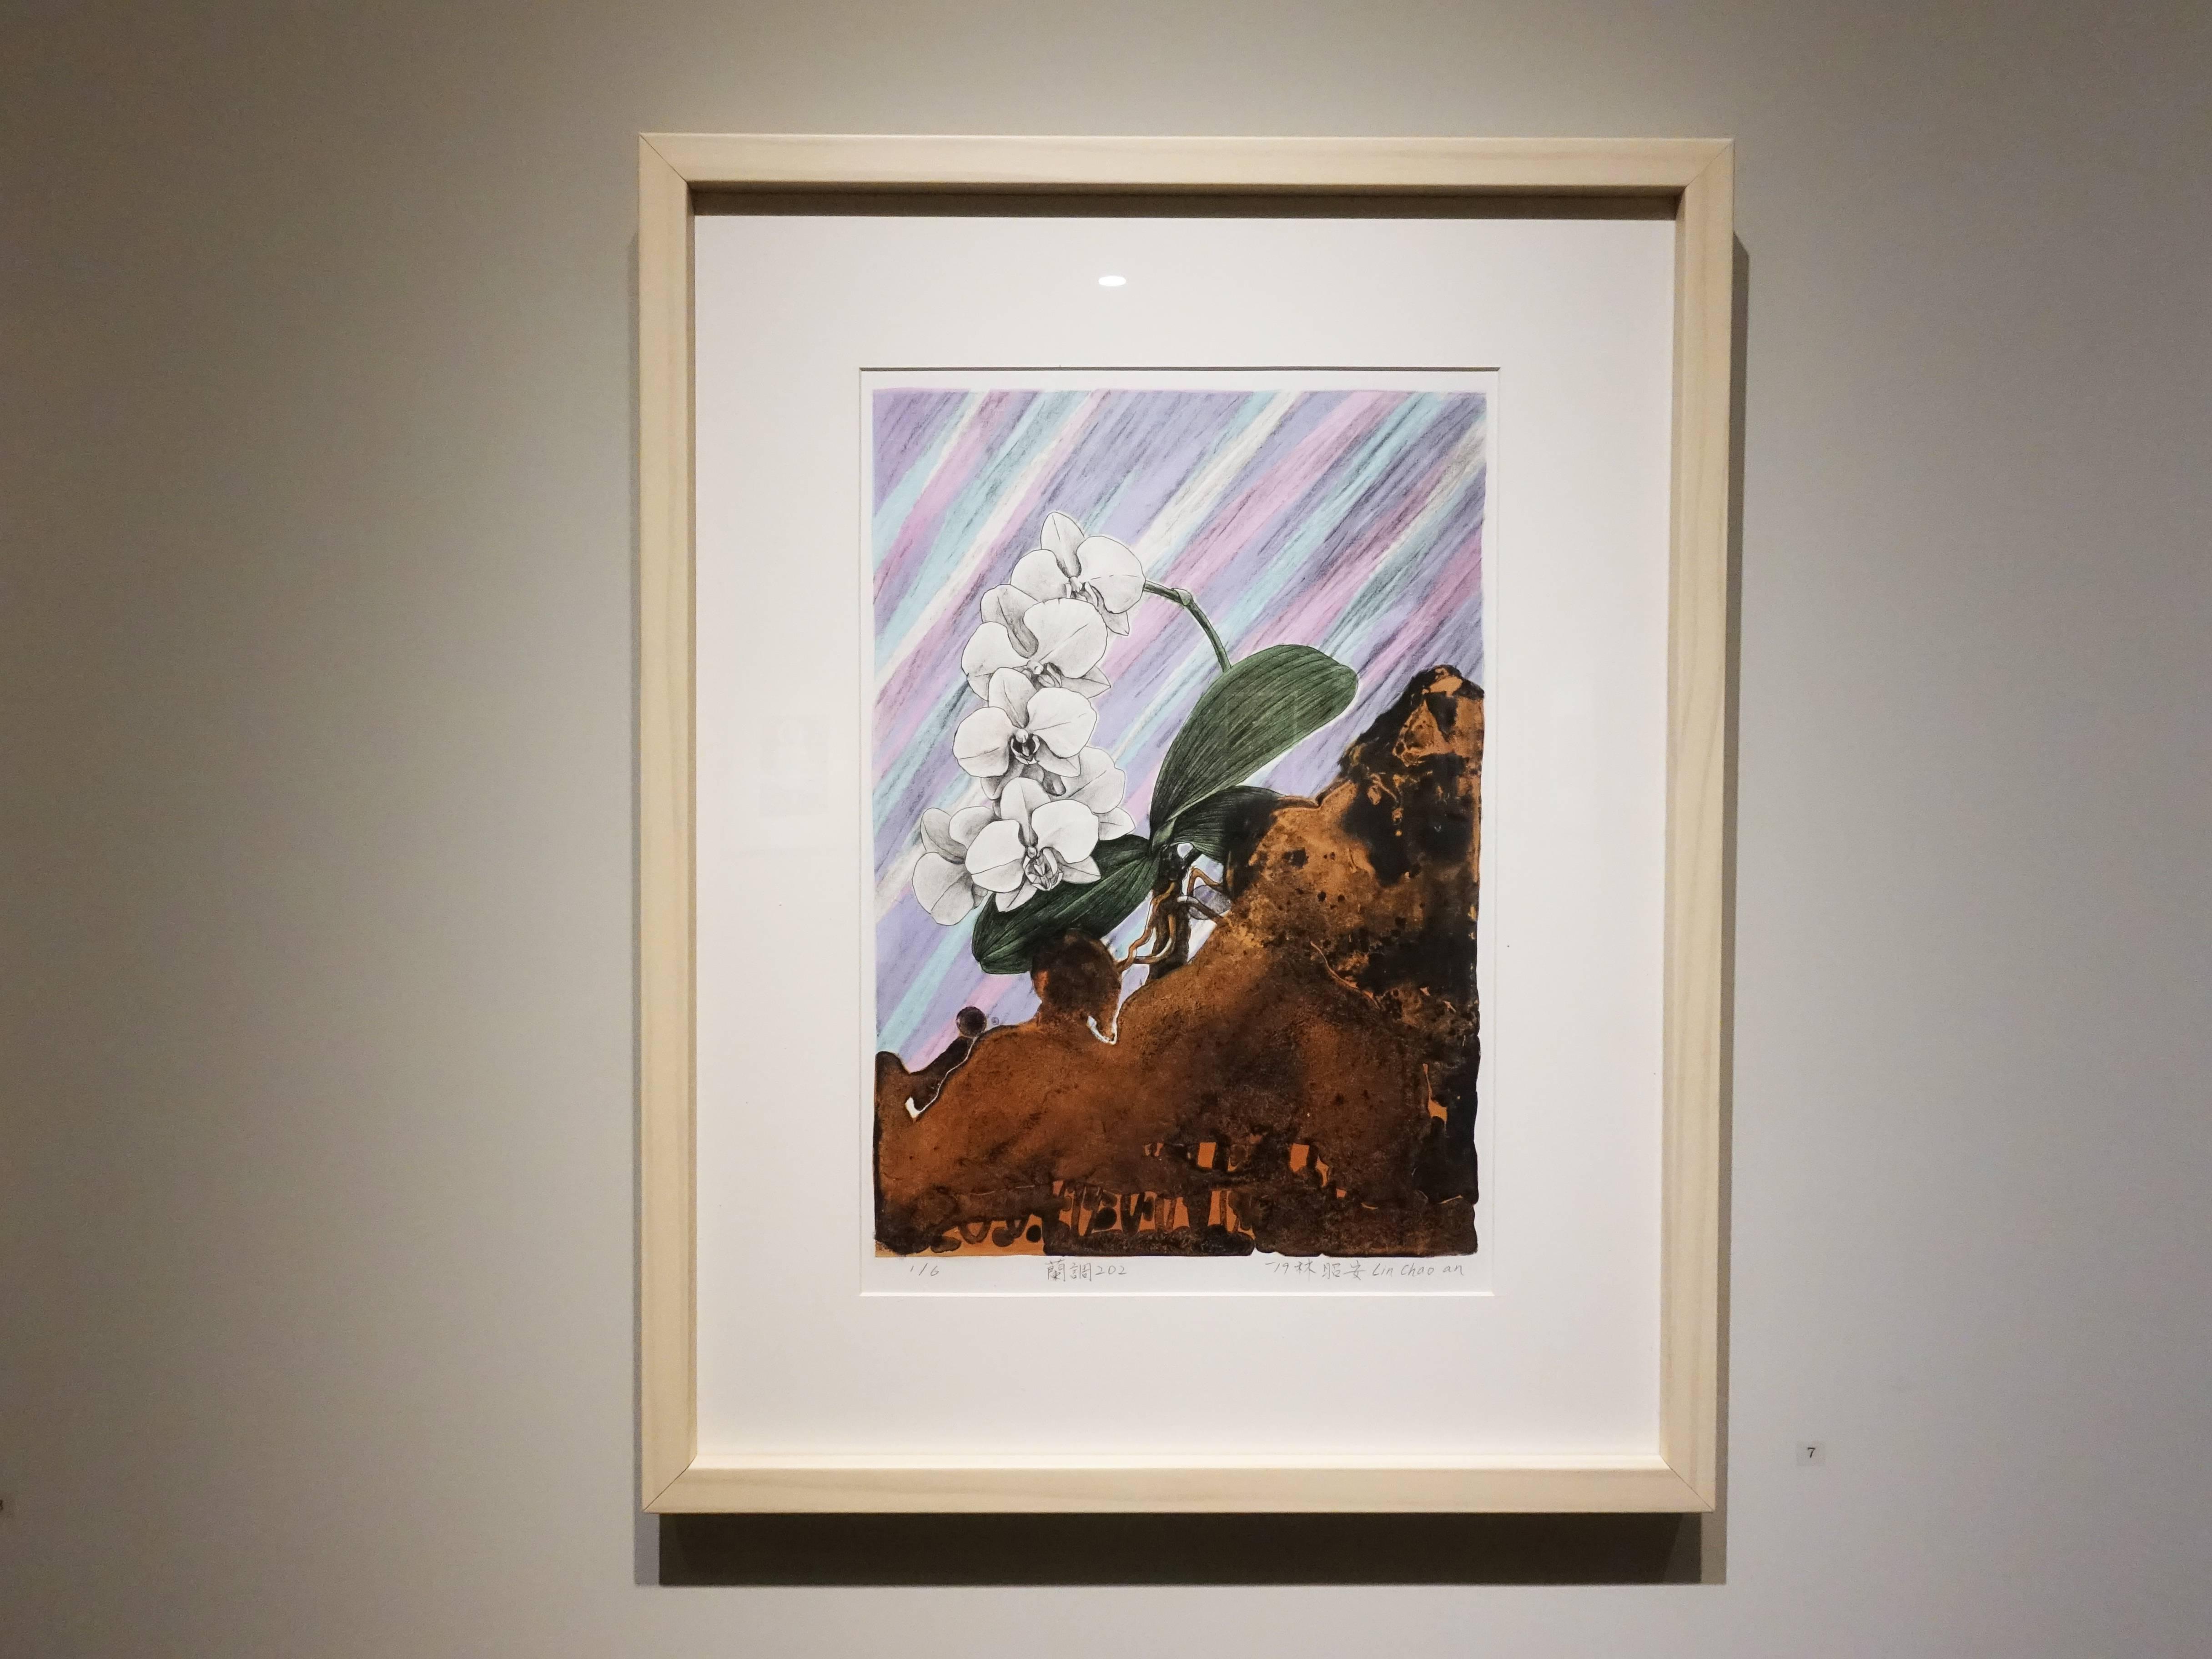 林昭安,《蘭調202》,28 x 40 cm,1/6,平版、砂目鋁版,2019。